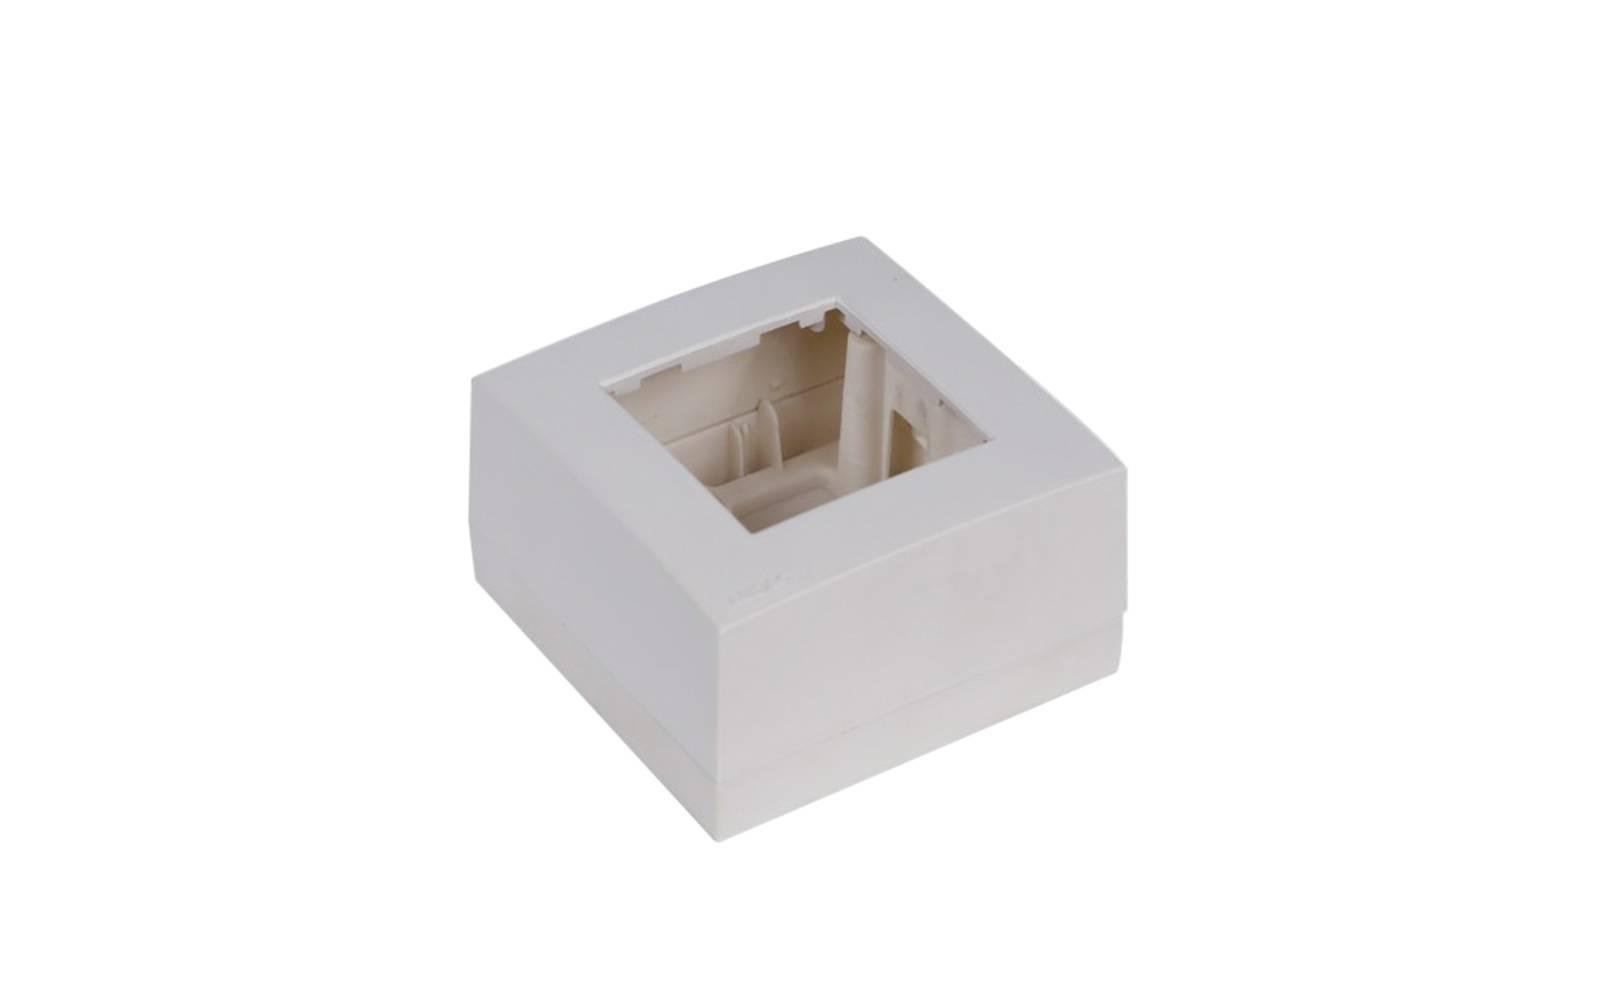 audac-wb-45-sw-wandeinbaukasten-aus-kunststoff-einzeln-45-x-45-mm-weiay